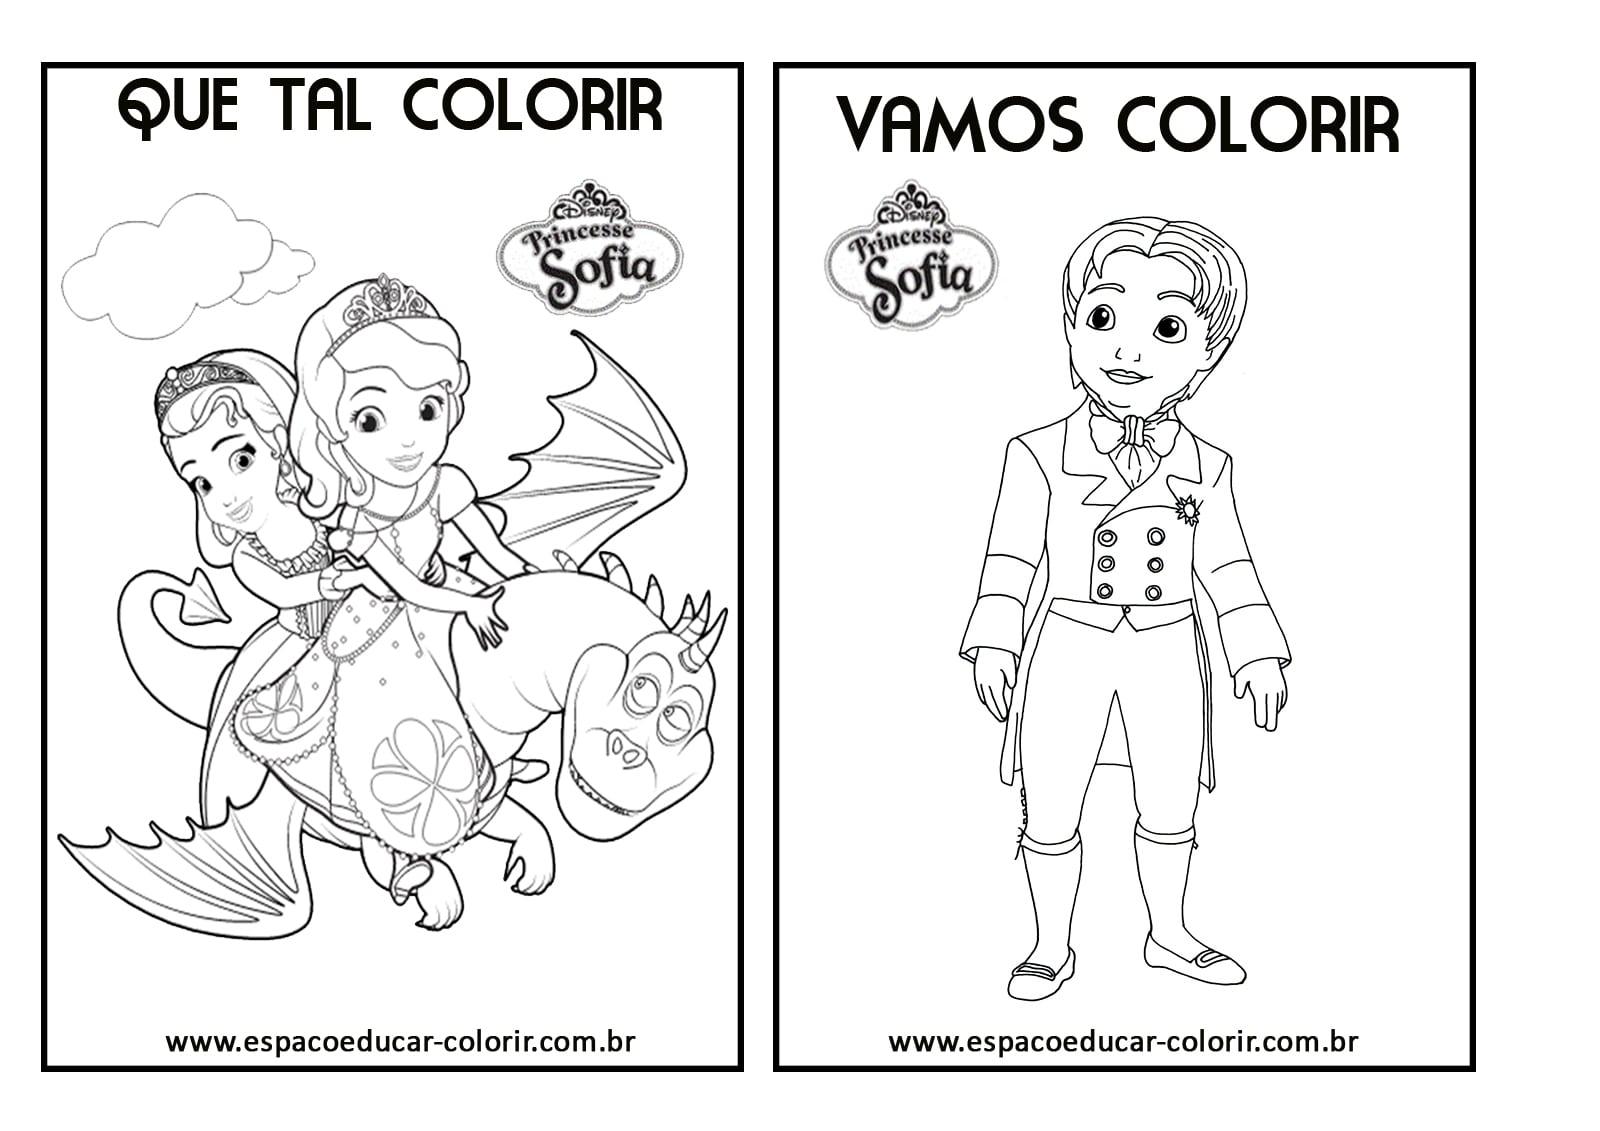 Convite, Painel, Boneca E Personagens Da Princesinha Sofia